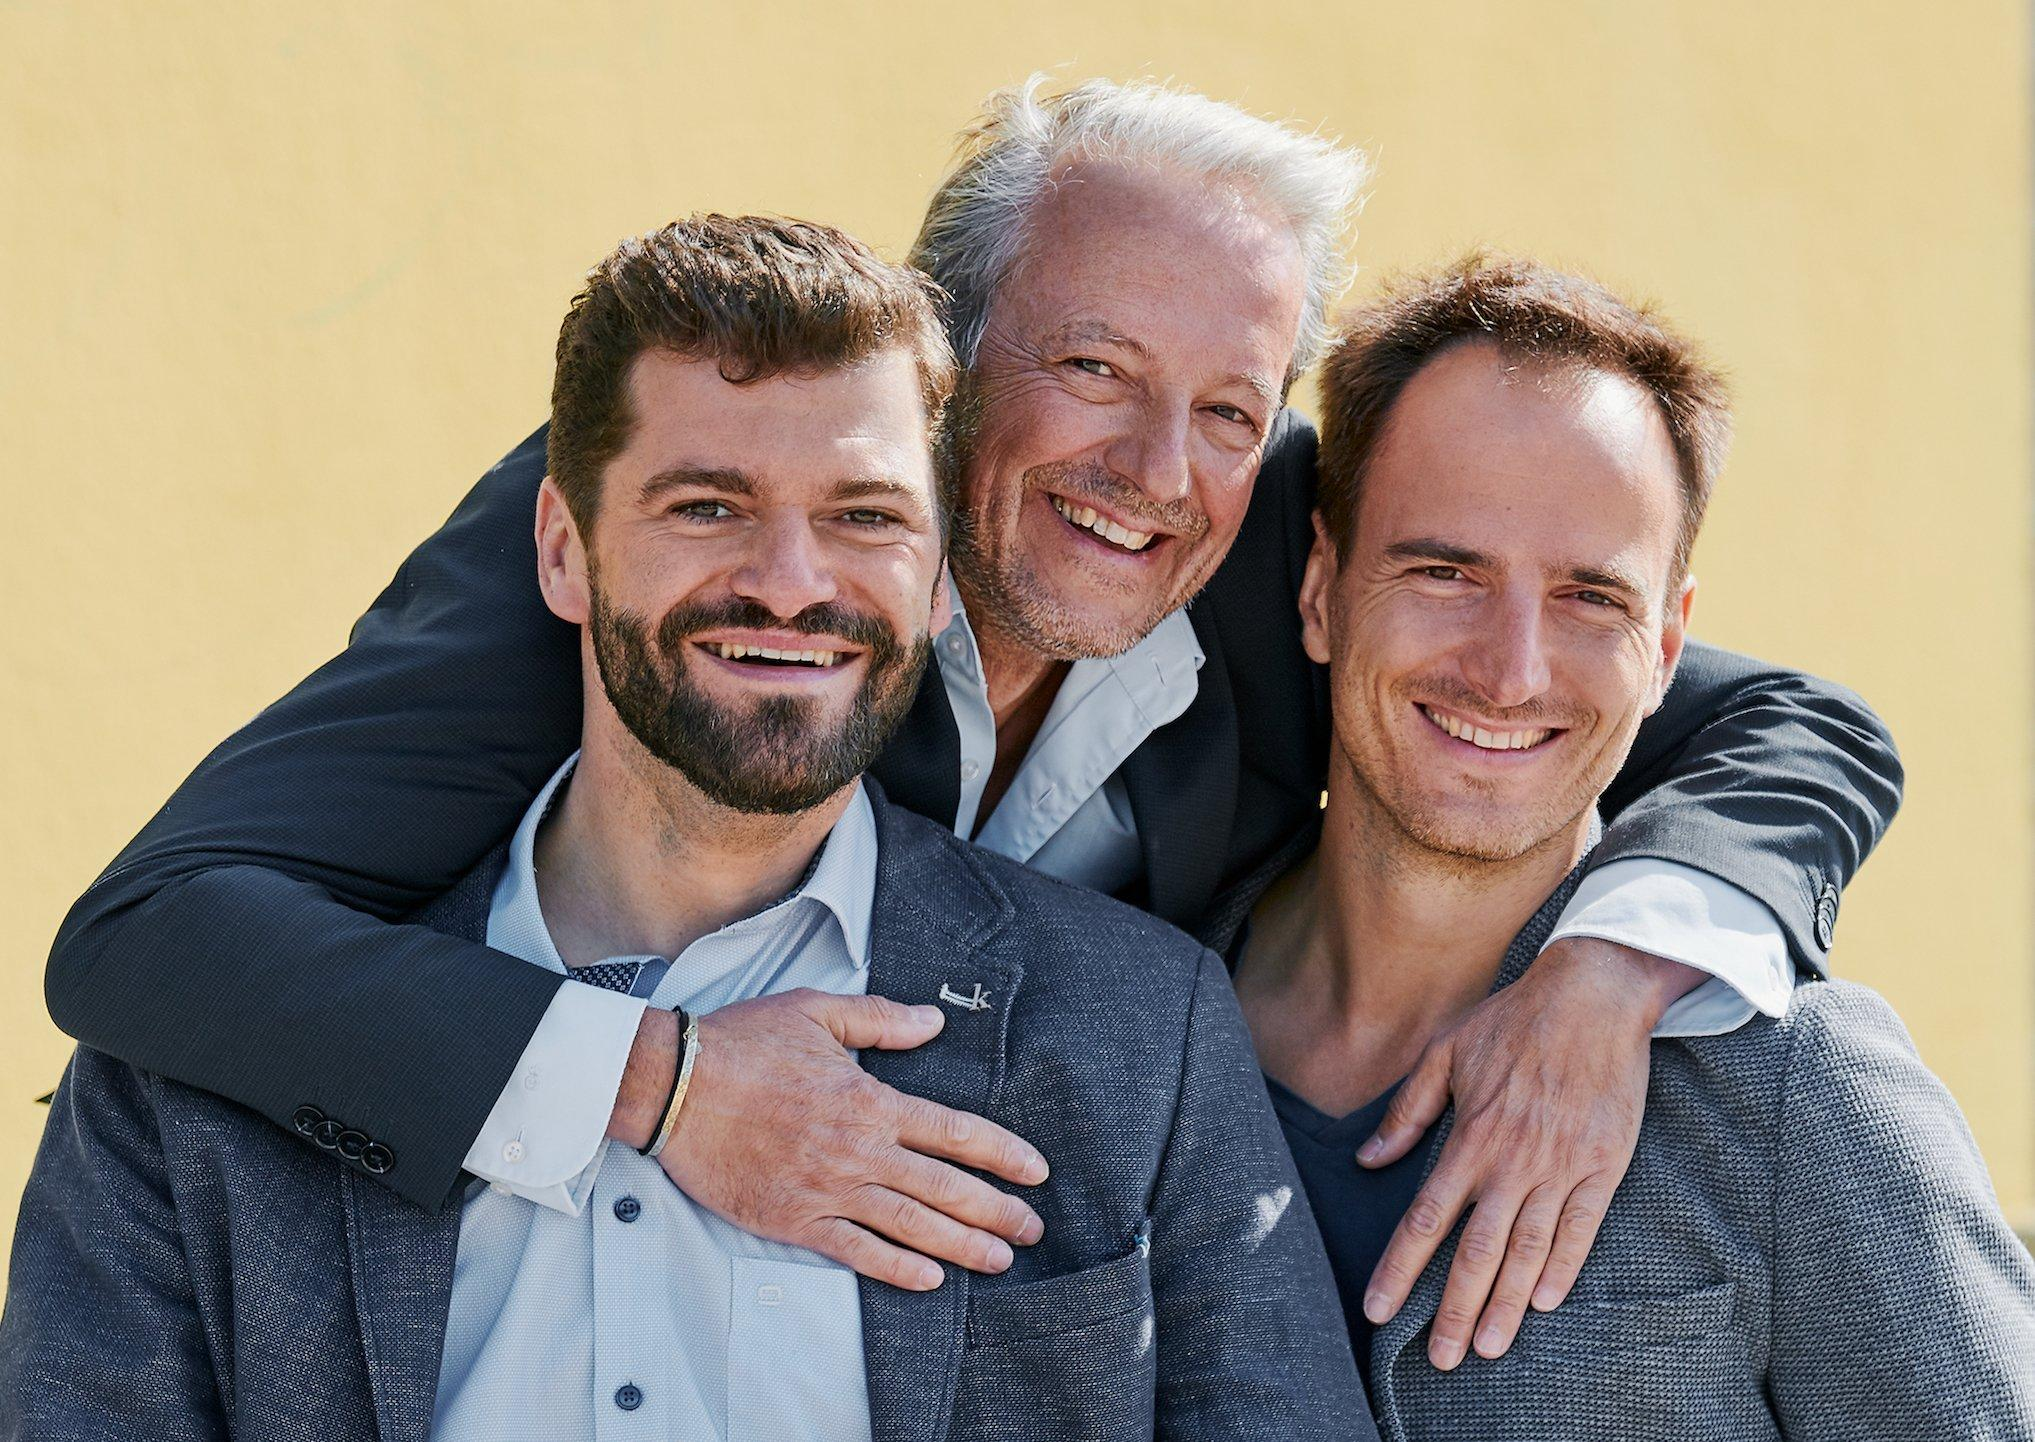 Murat Günak steht in der Mitte und legt von hintent seine Arme über die Schulter von Philipp Kahle und Beres Seelbach. Seine Hände ruhen jeweils auf der Brust seiner beiden Mitgründer. Alle drei lachen offen und herzlich in die Kamera.